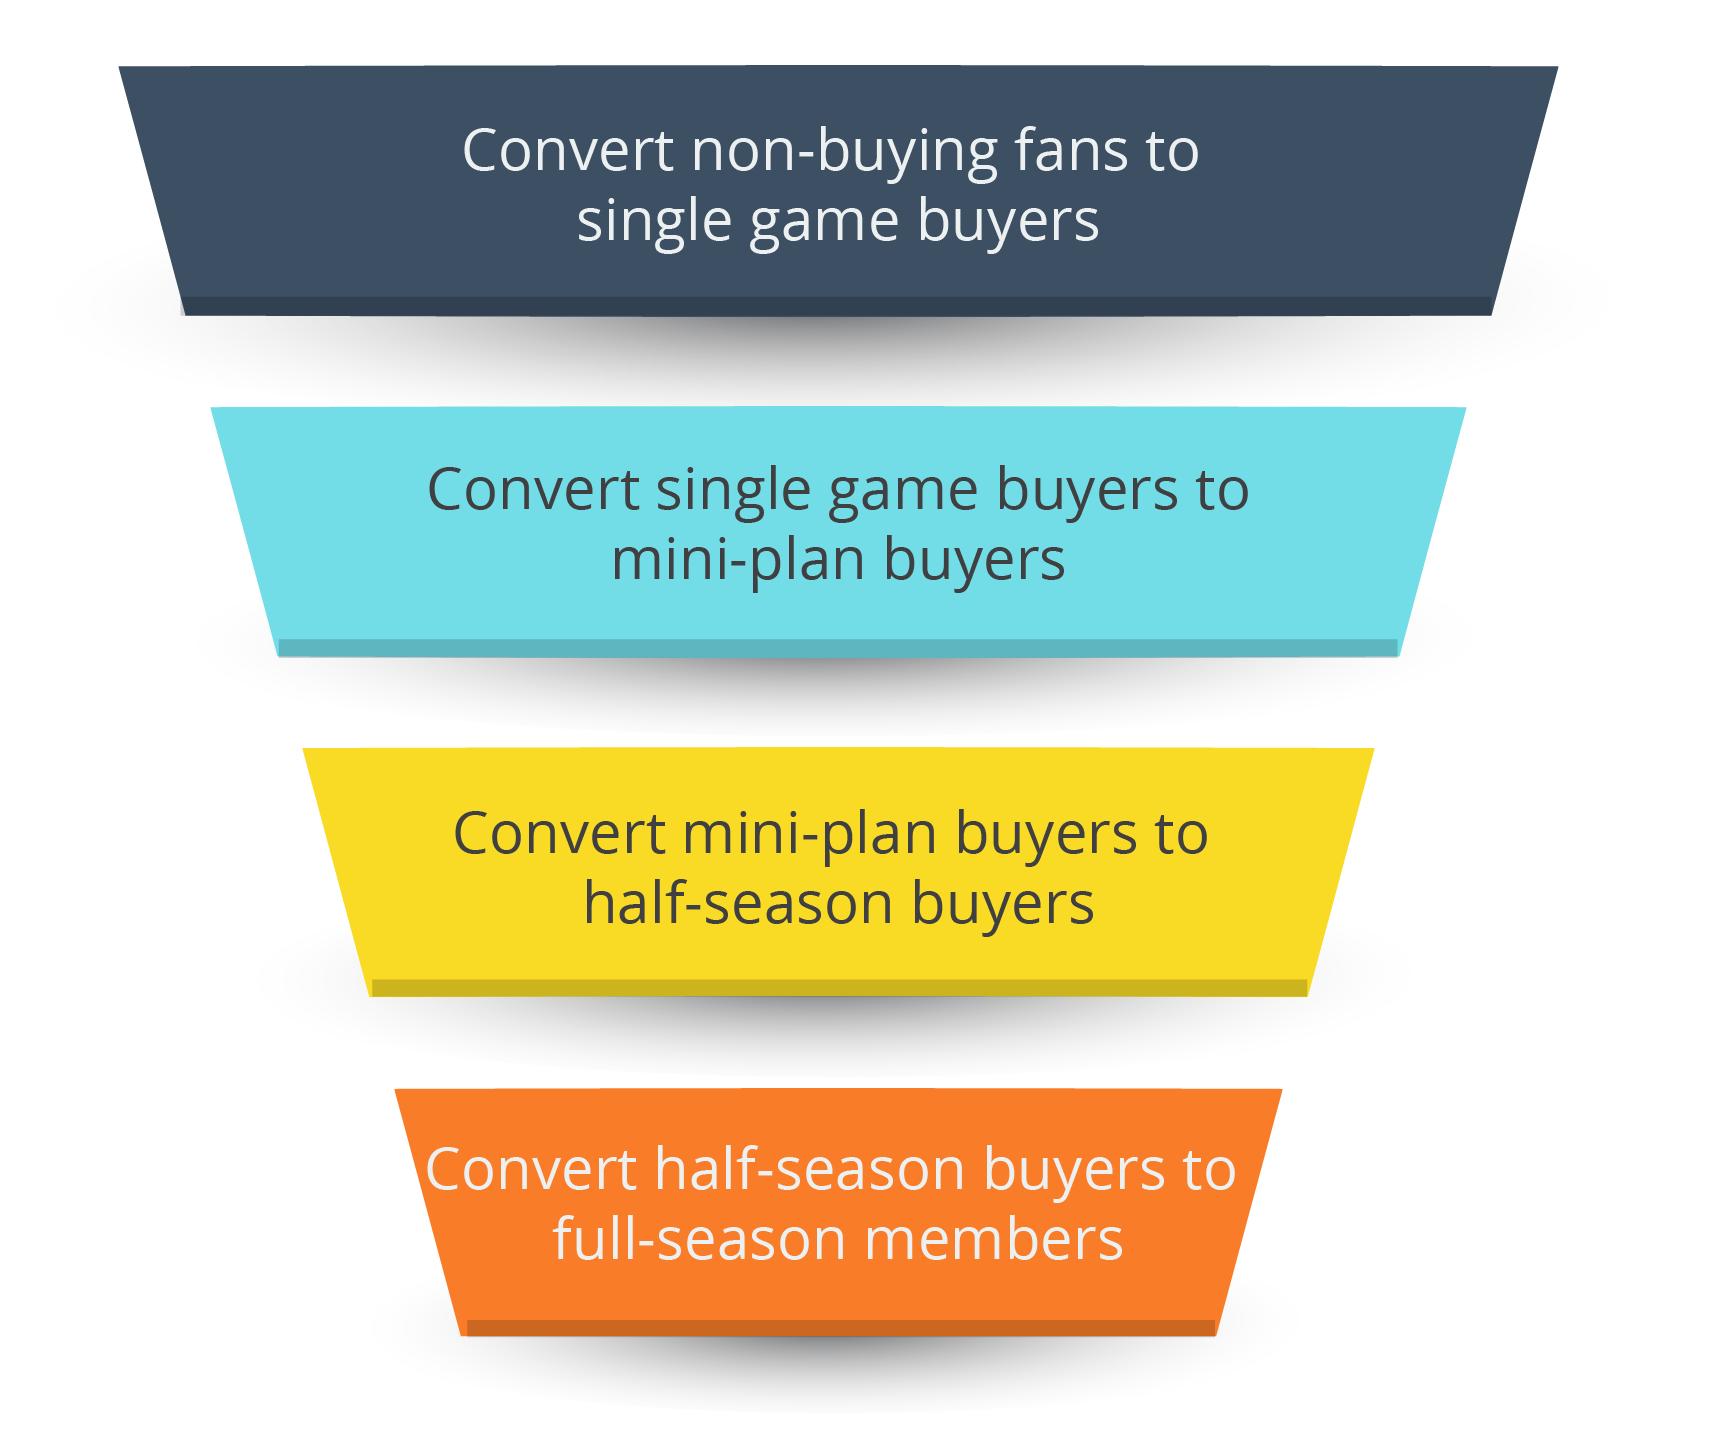 Standard Season Ticket Sales Funnel